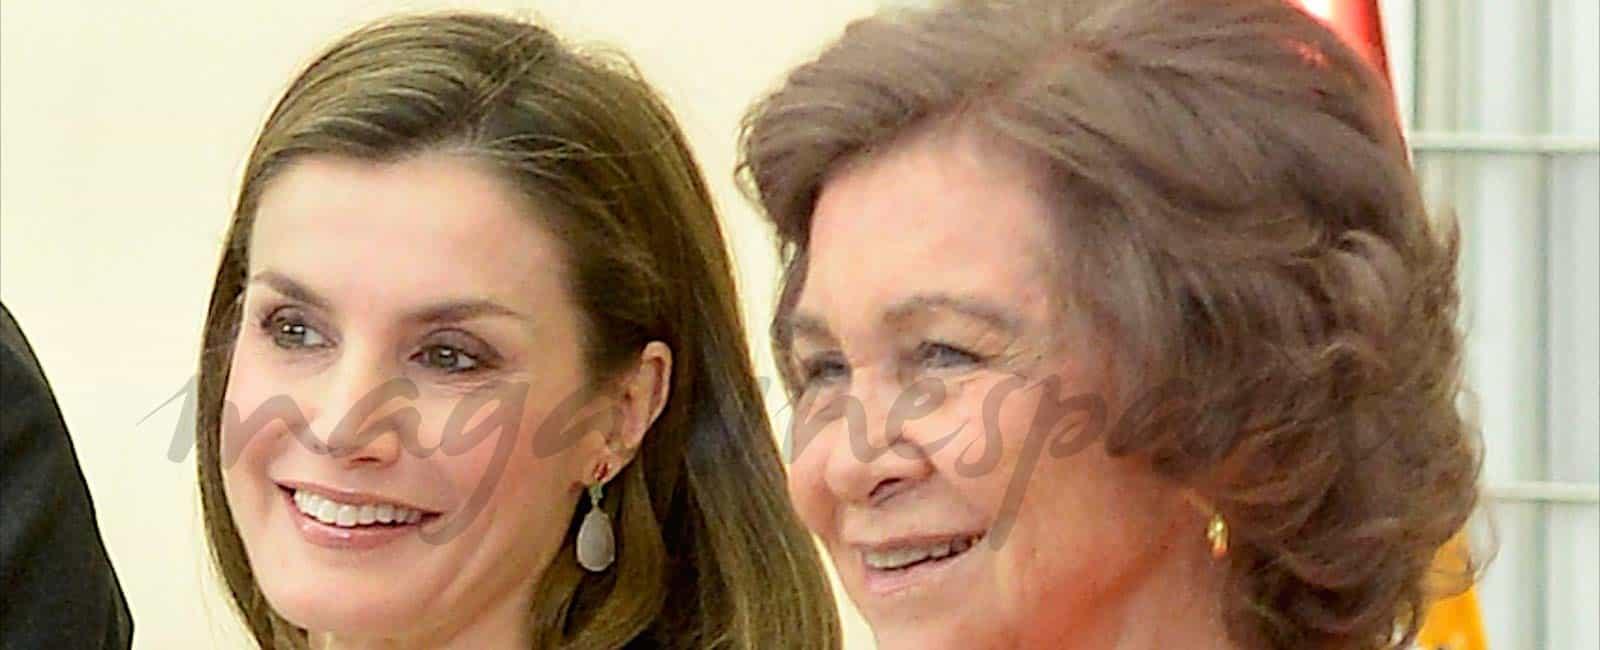 La magnífica relación de la reina Letizia y su suegra